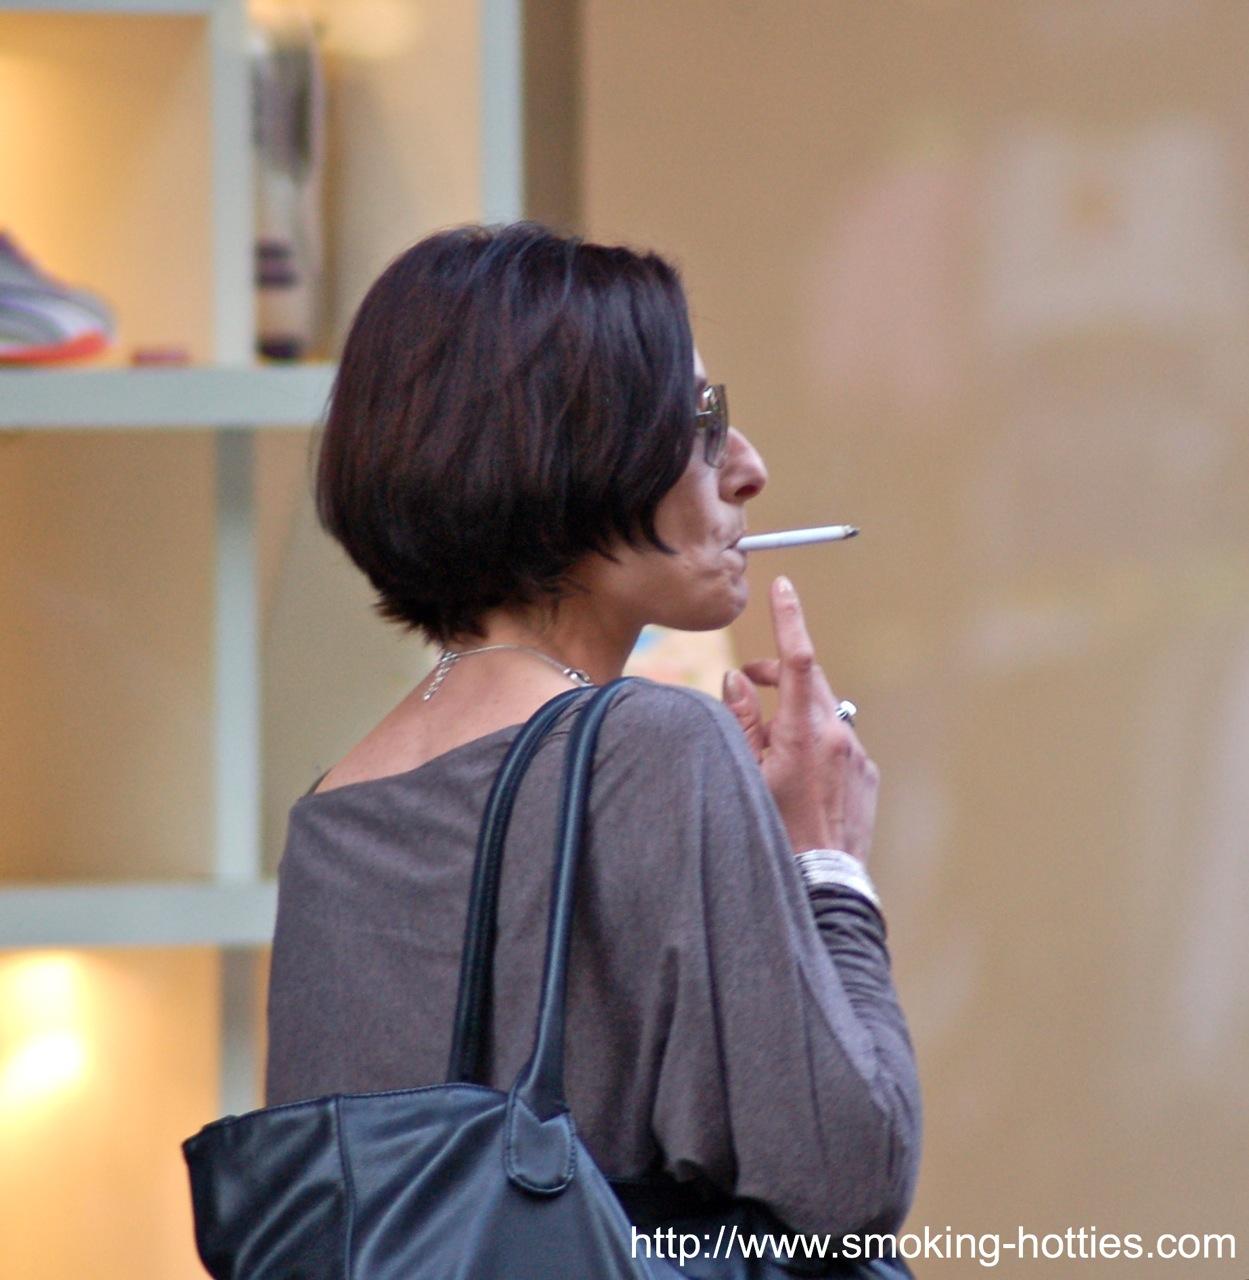 First woman mature smoking hotties.com que pasa